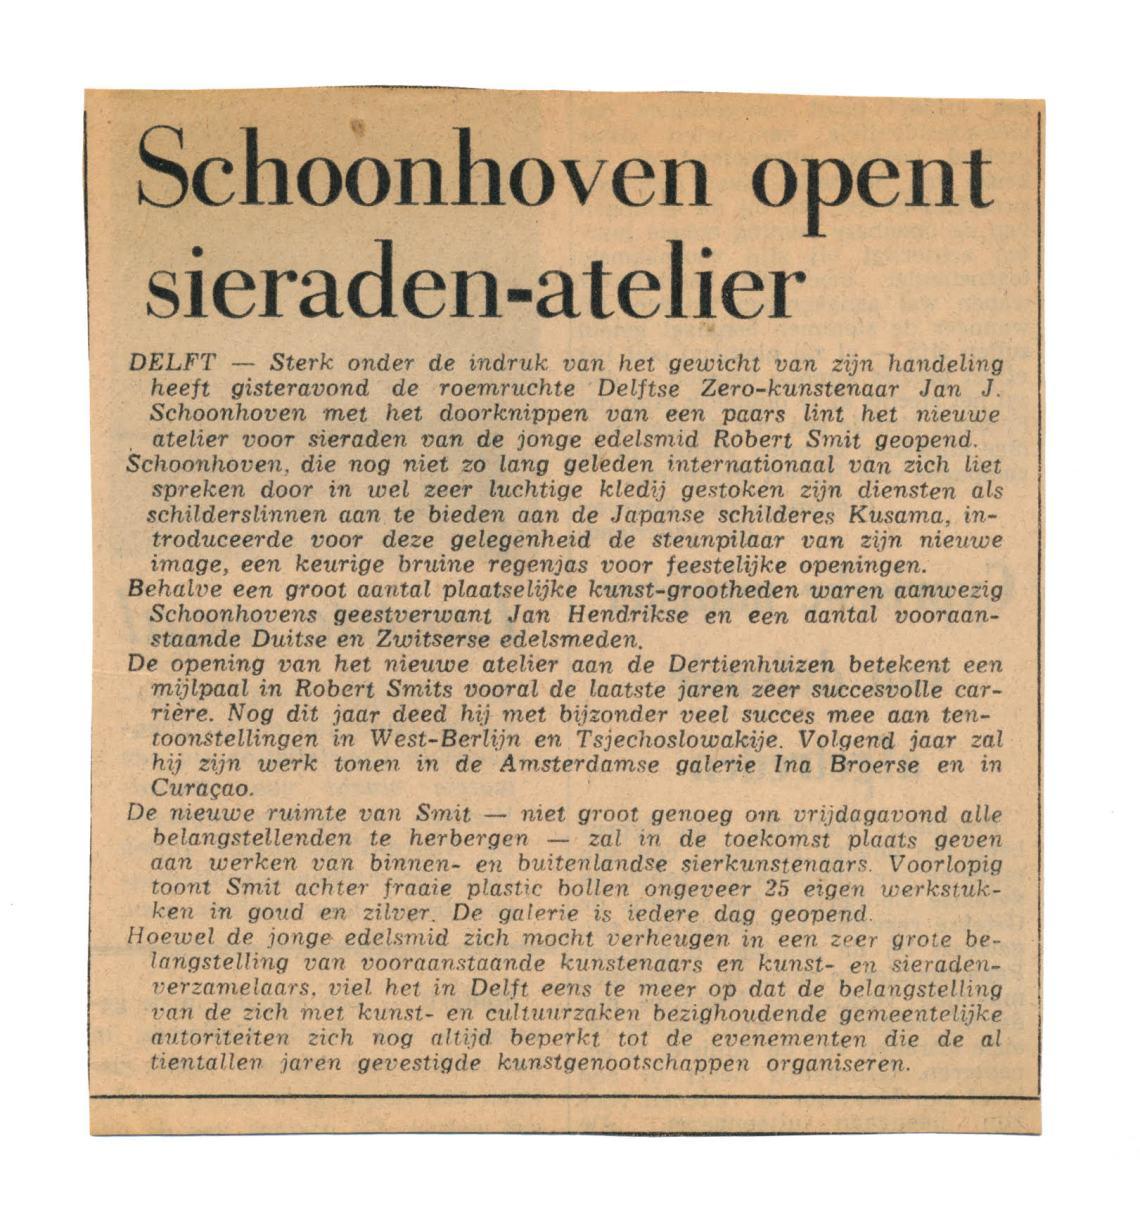 Jan Schoonhoven opent het atelier van Robert Smit in Delft, Het Vaderland, 2 november 1968. Foto met dank aan Louise Smit©